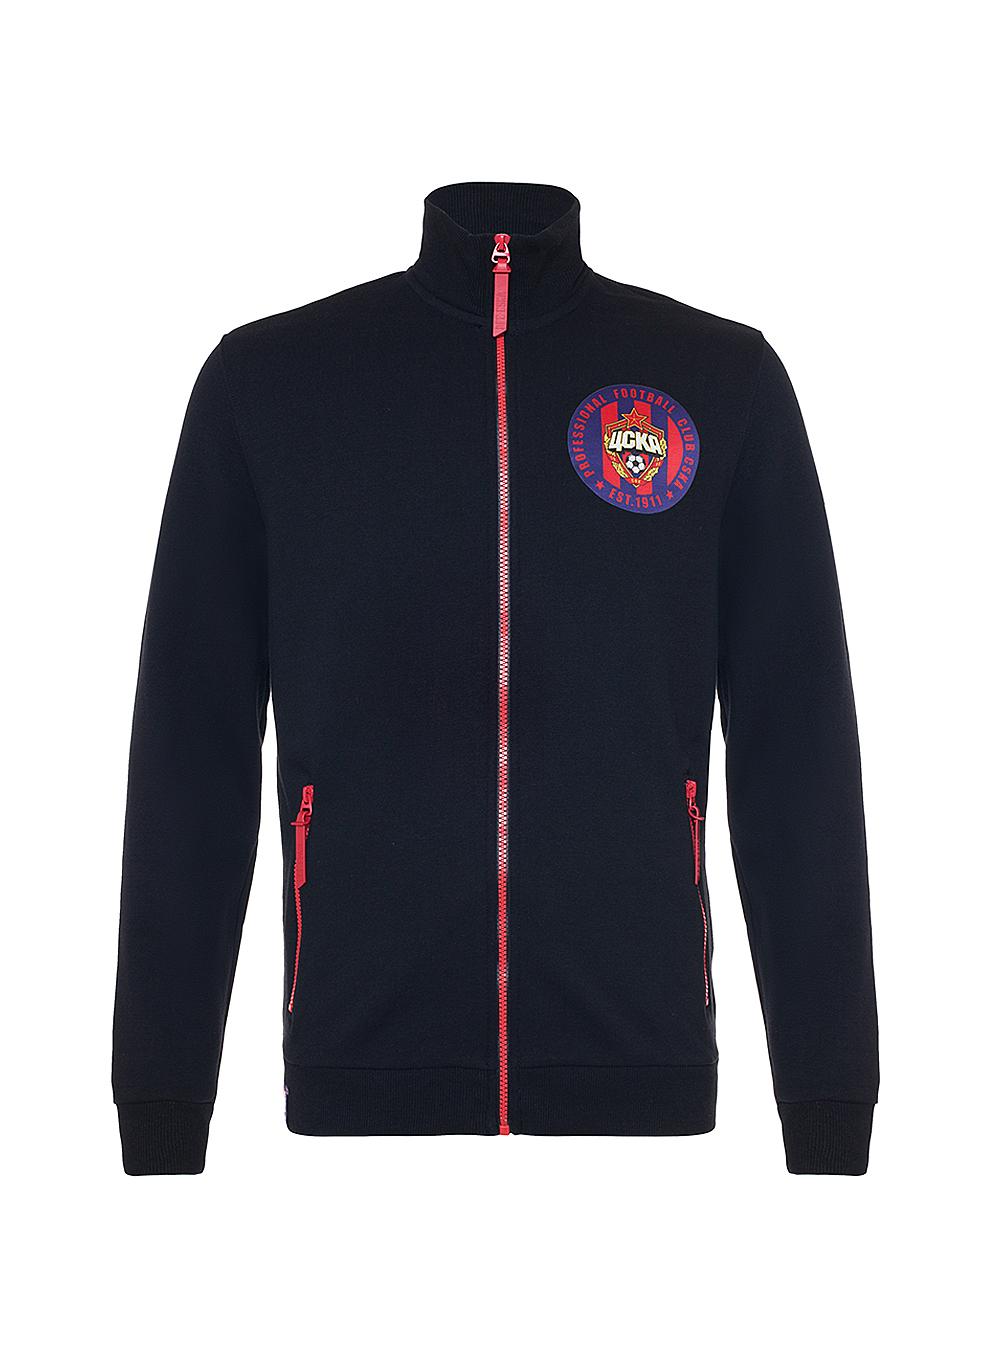 Толстовка на молнии PFC CSKA est 1911, цвет чёрный (L)